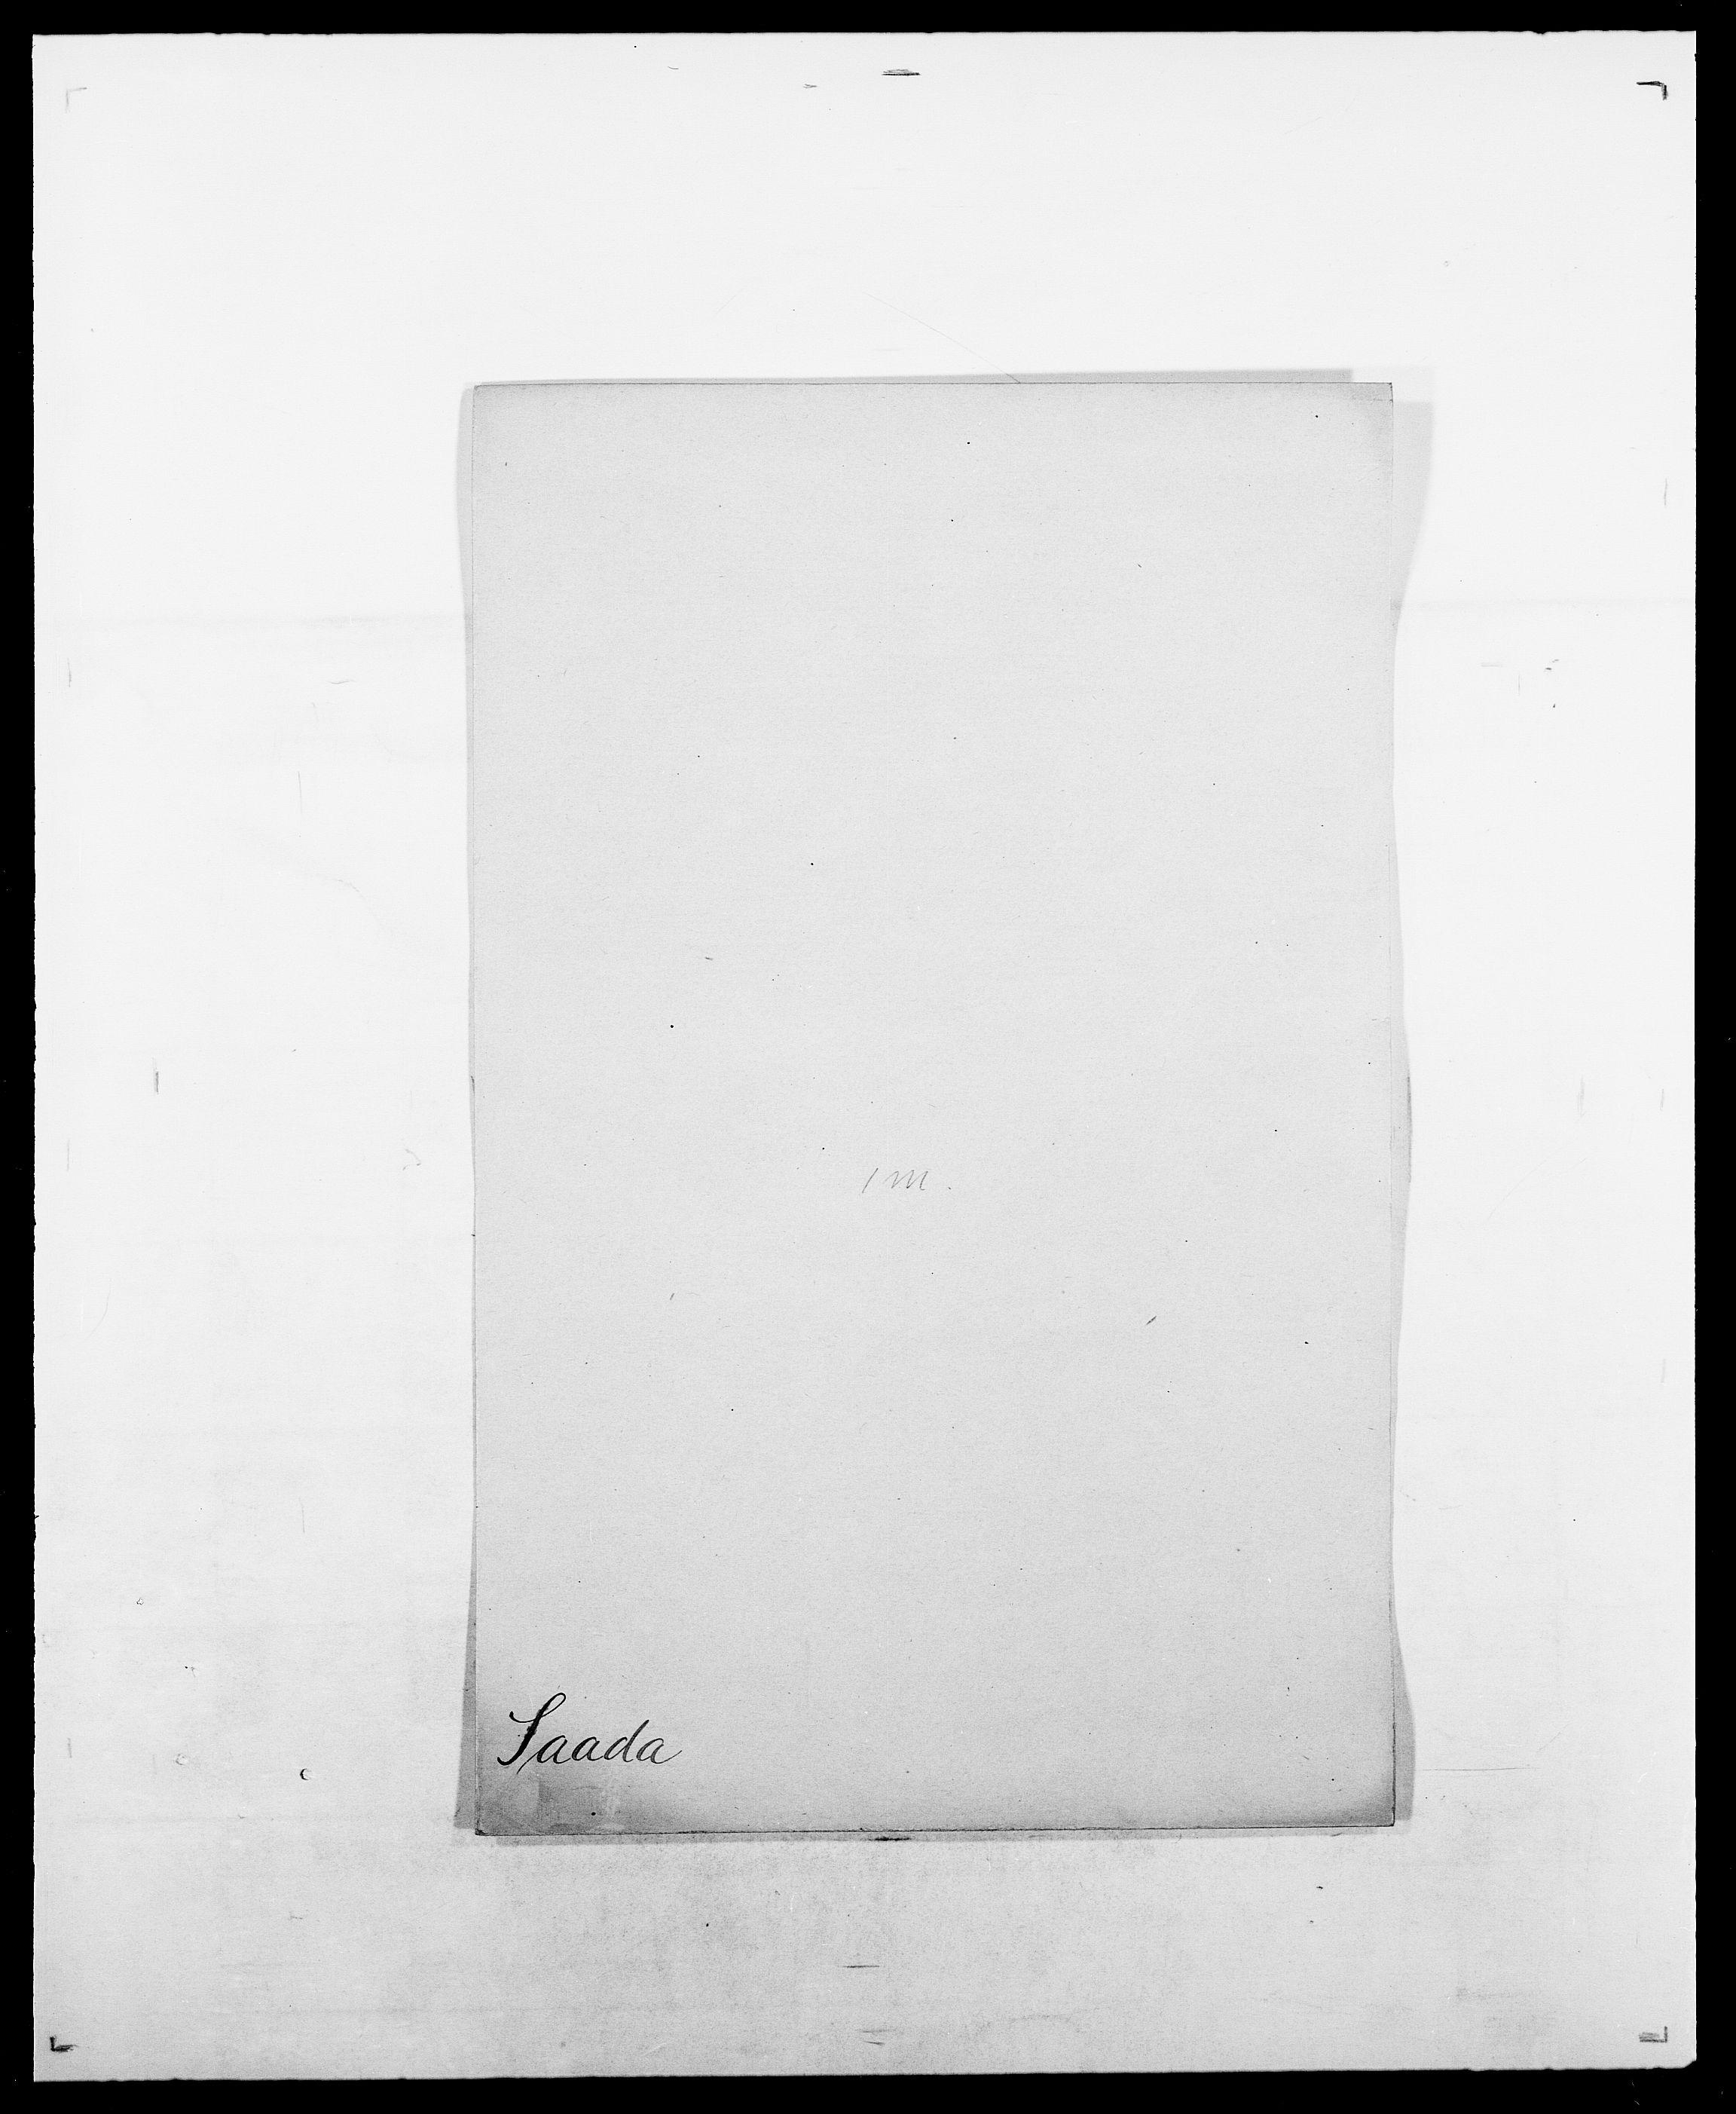 SAO, Delgobe, Charles Antoine - samling, D/Da/L0034: Saabye - Schmincke, s. 6